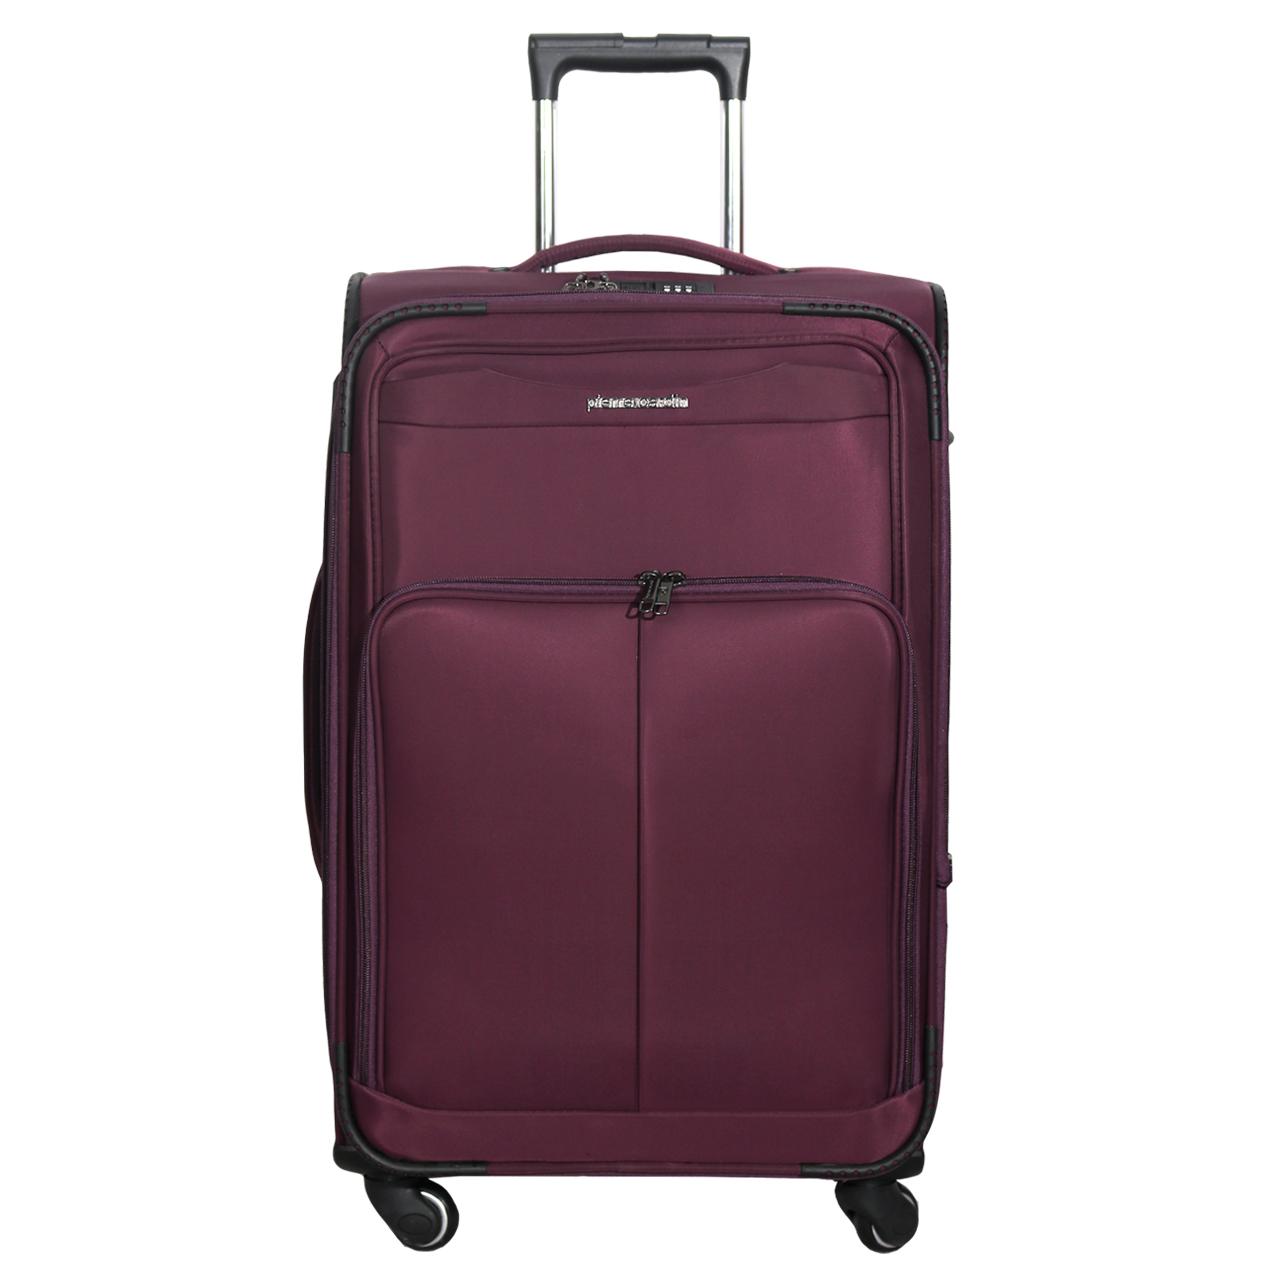 چمدان پیرکاردین مدل 296 سایز متوسط